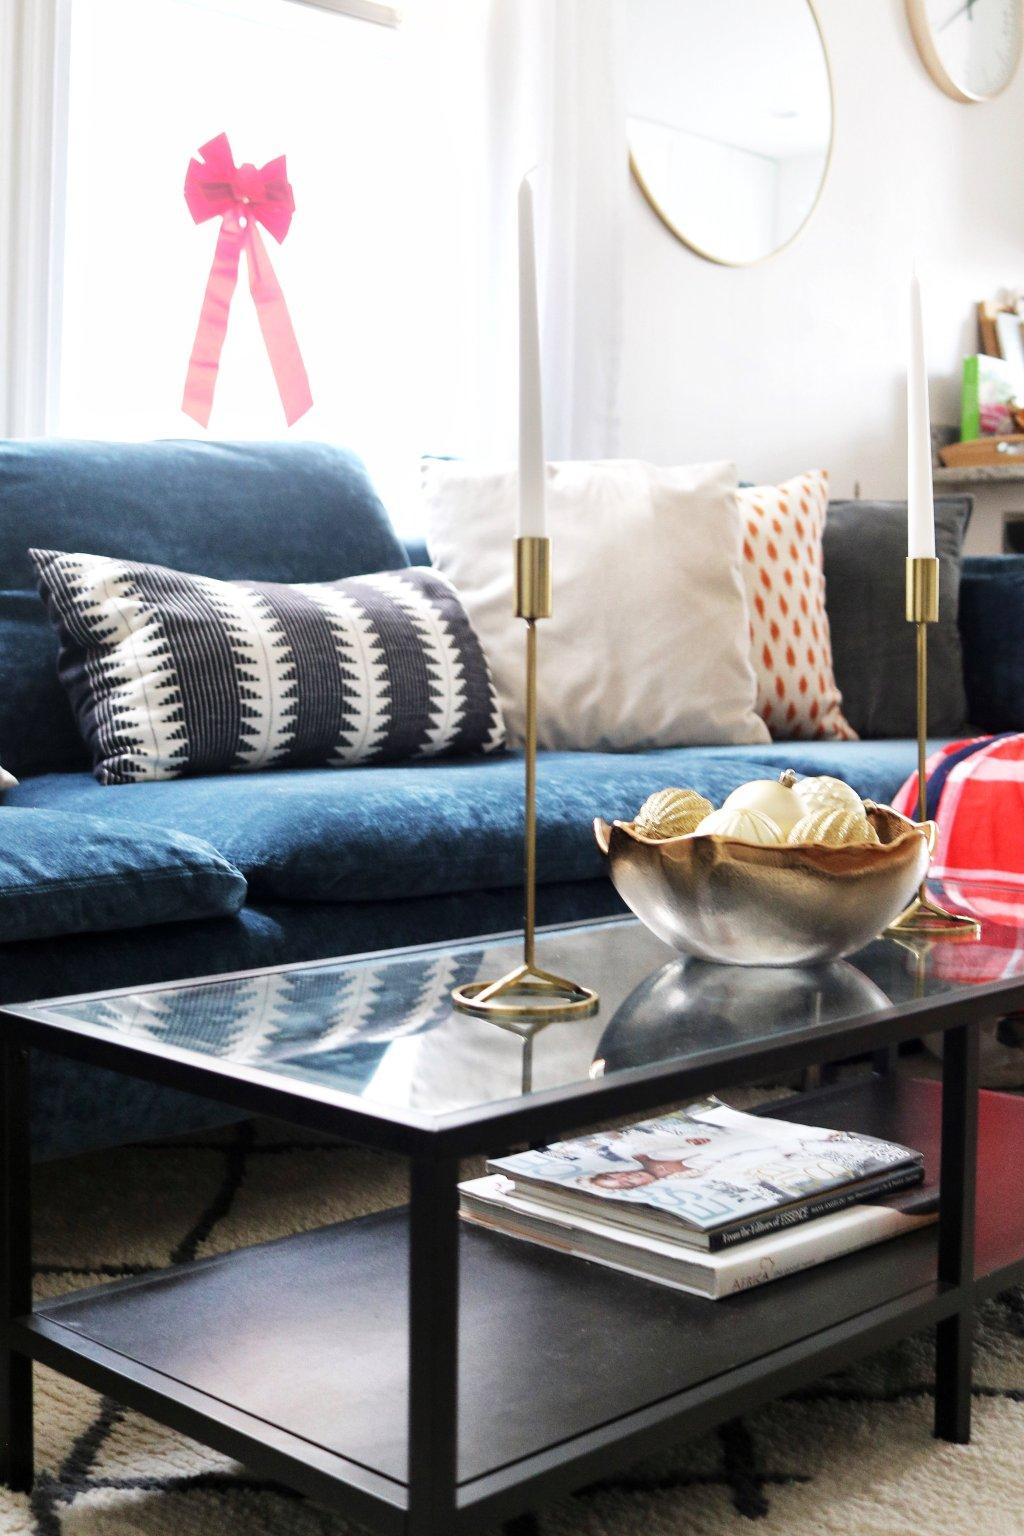 Easy Living Room Decor for the Holidays | Klassy Kinks